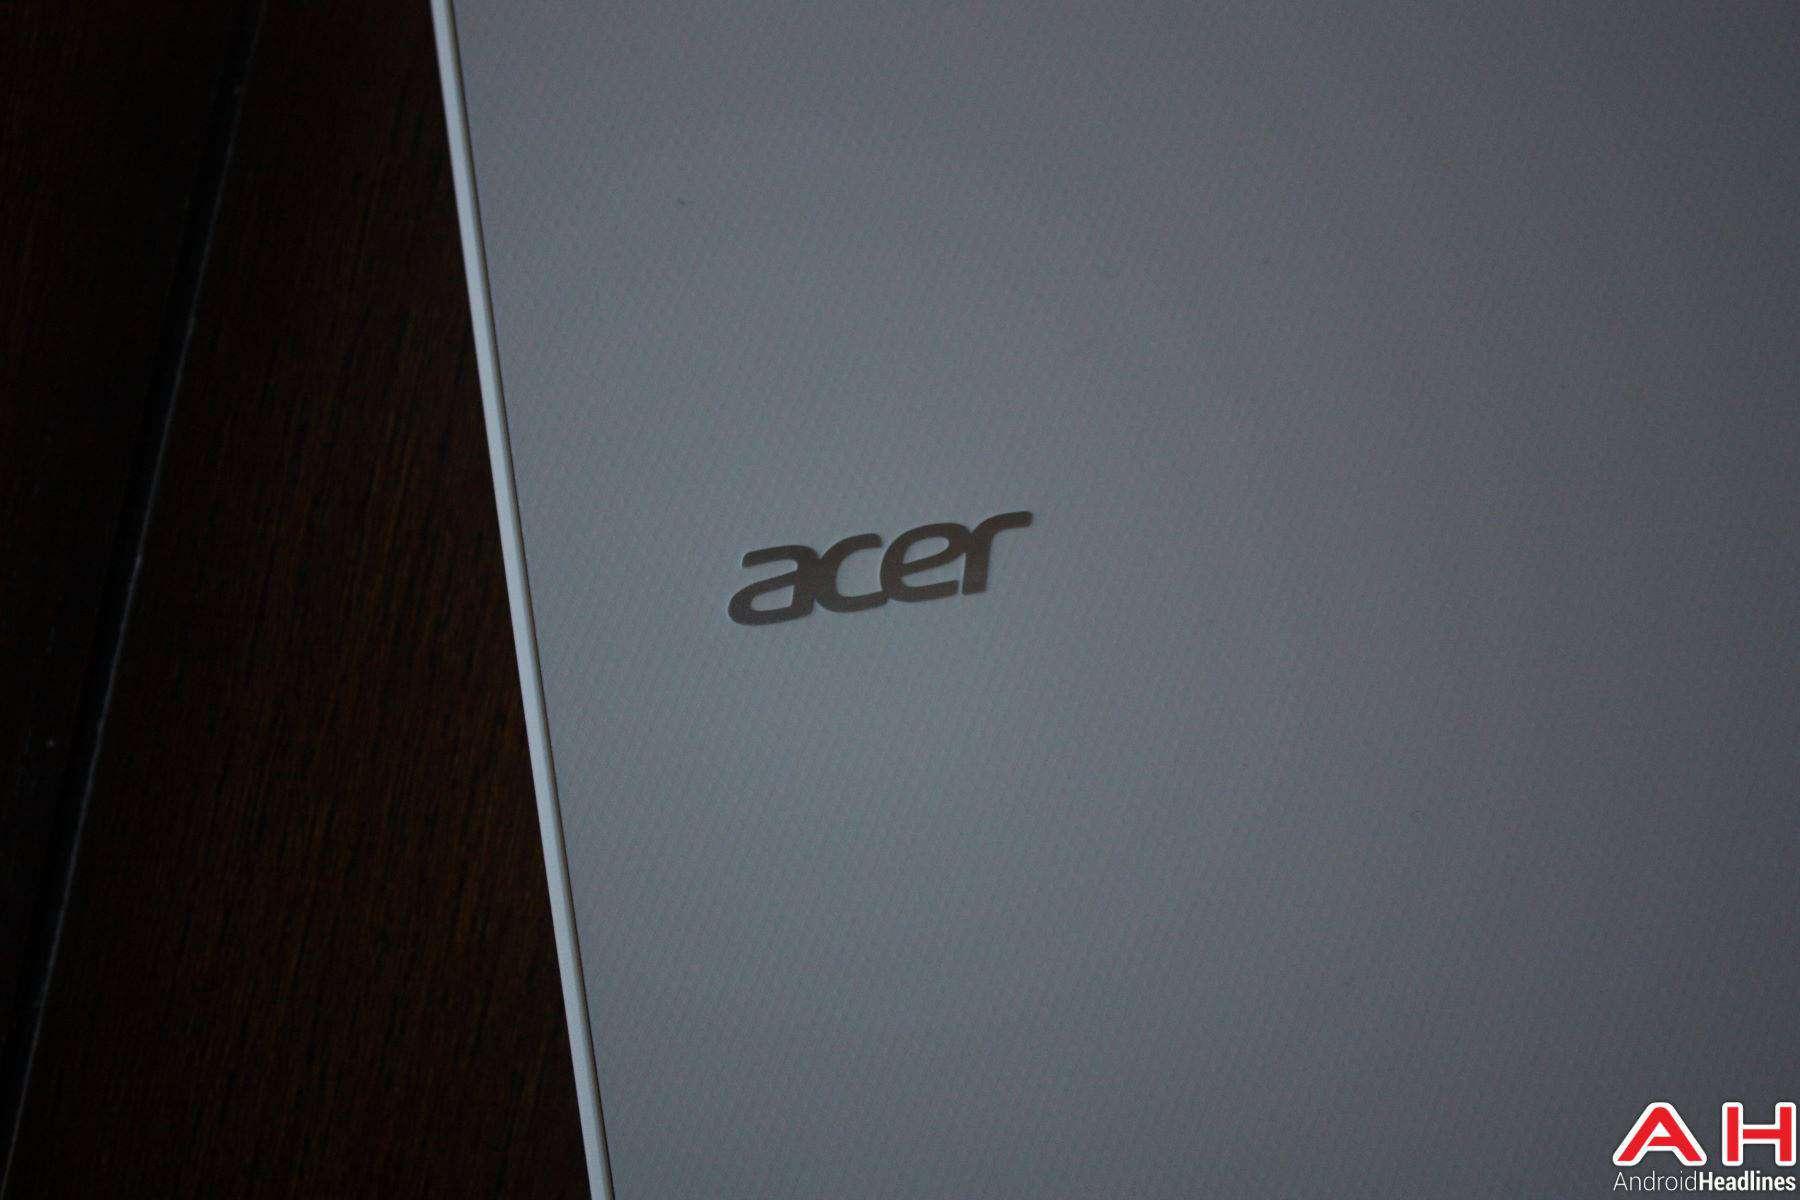 Acer Chromebook R11 AH-21